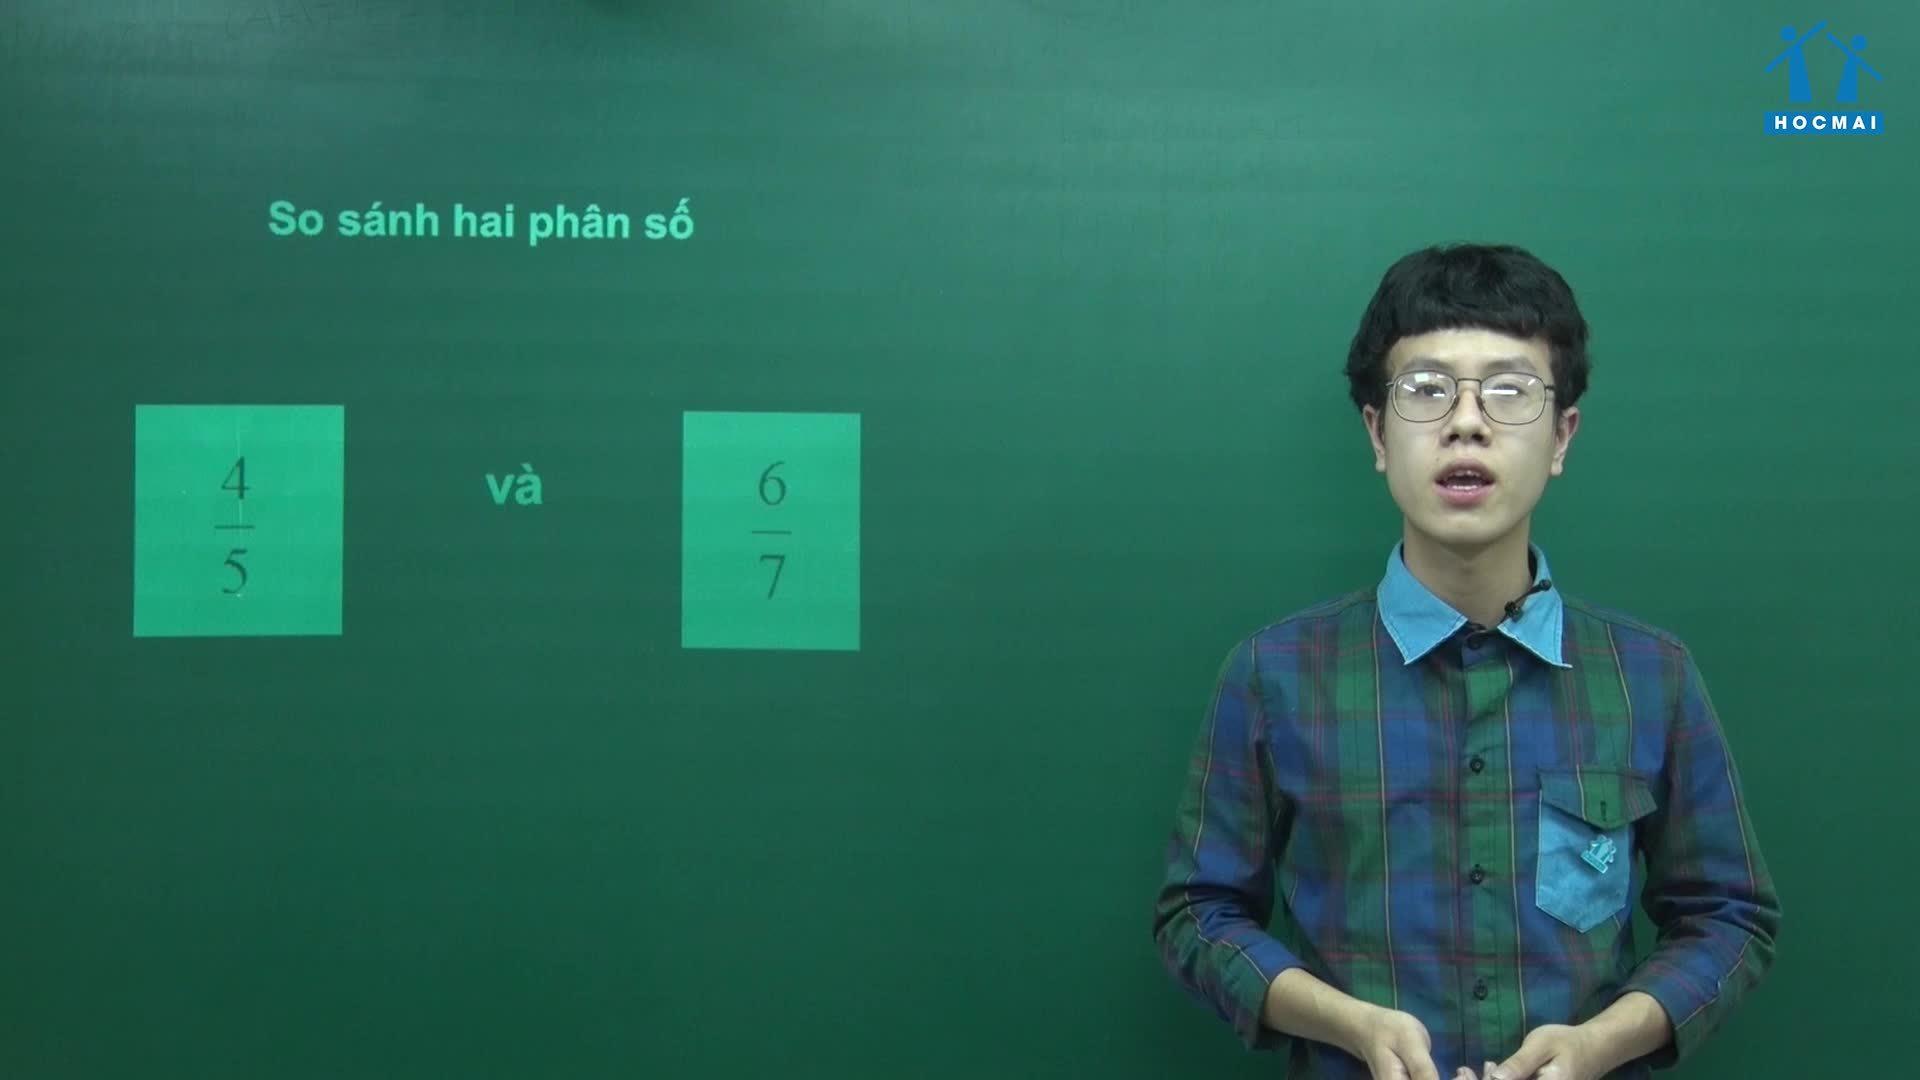 Cách so sánh hai phân số thường gặp trong toán lớp 4